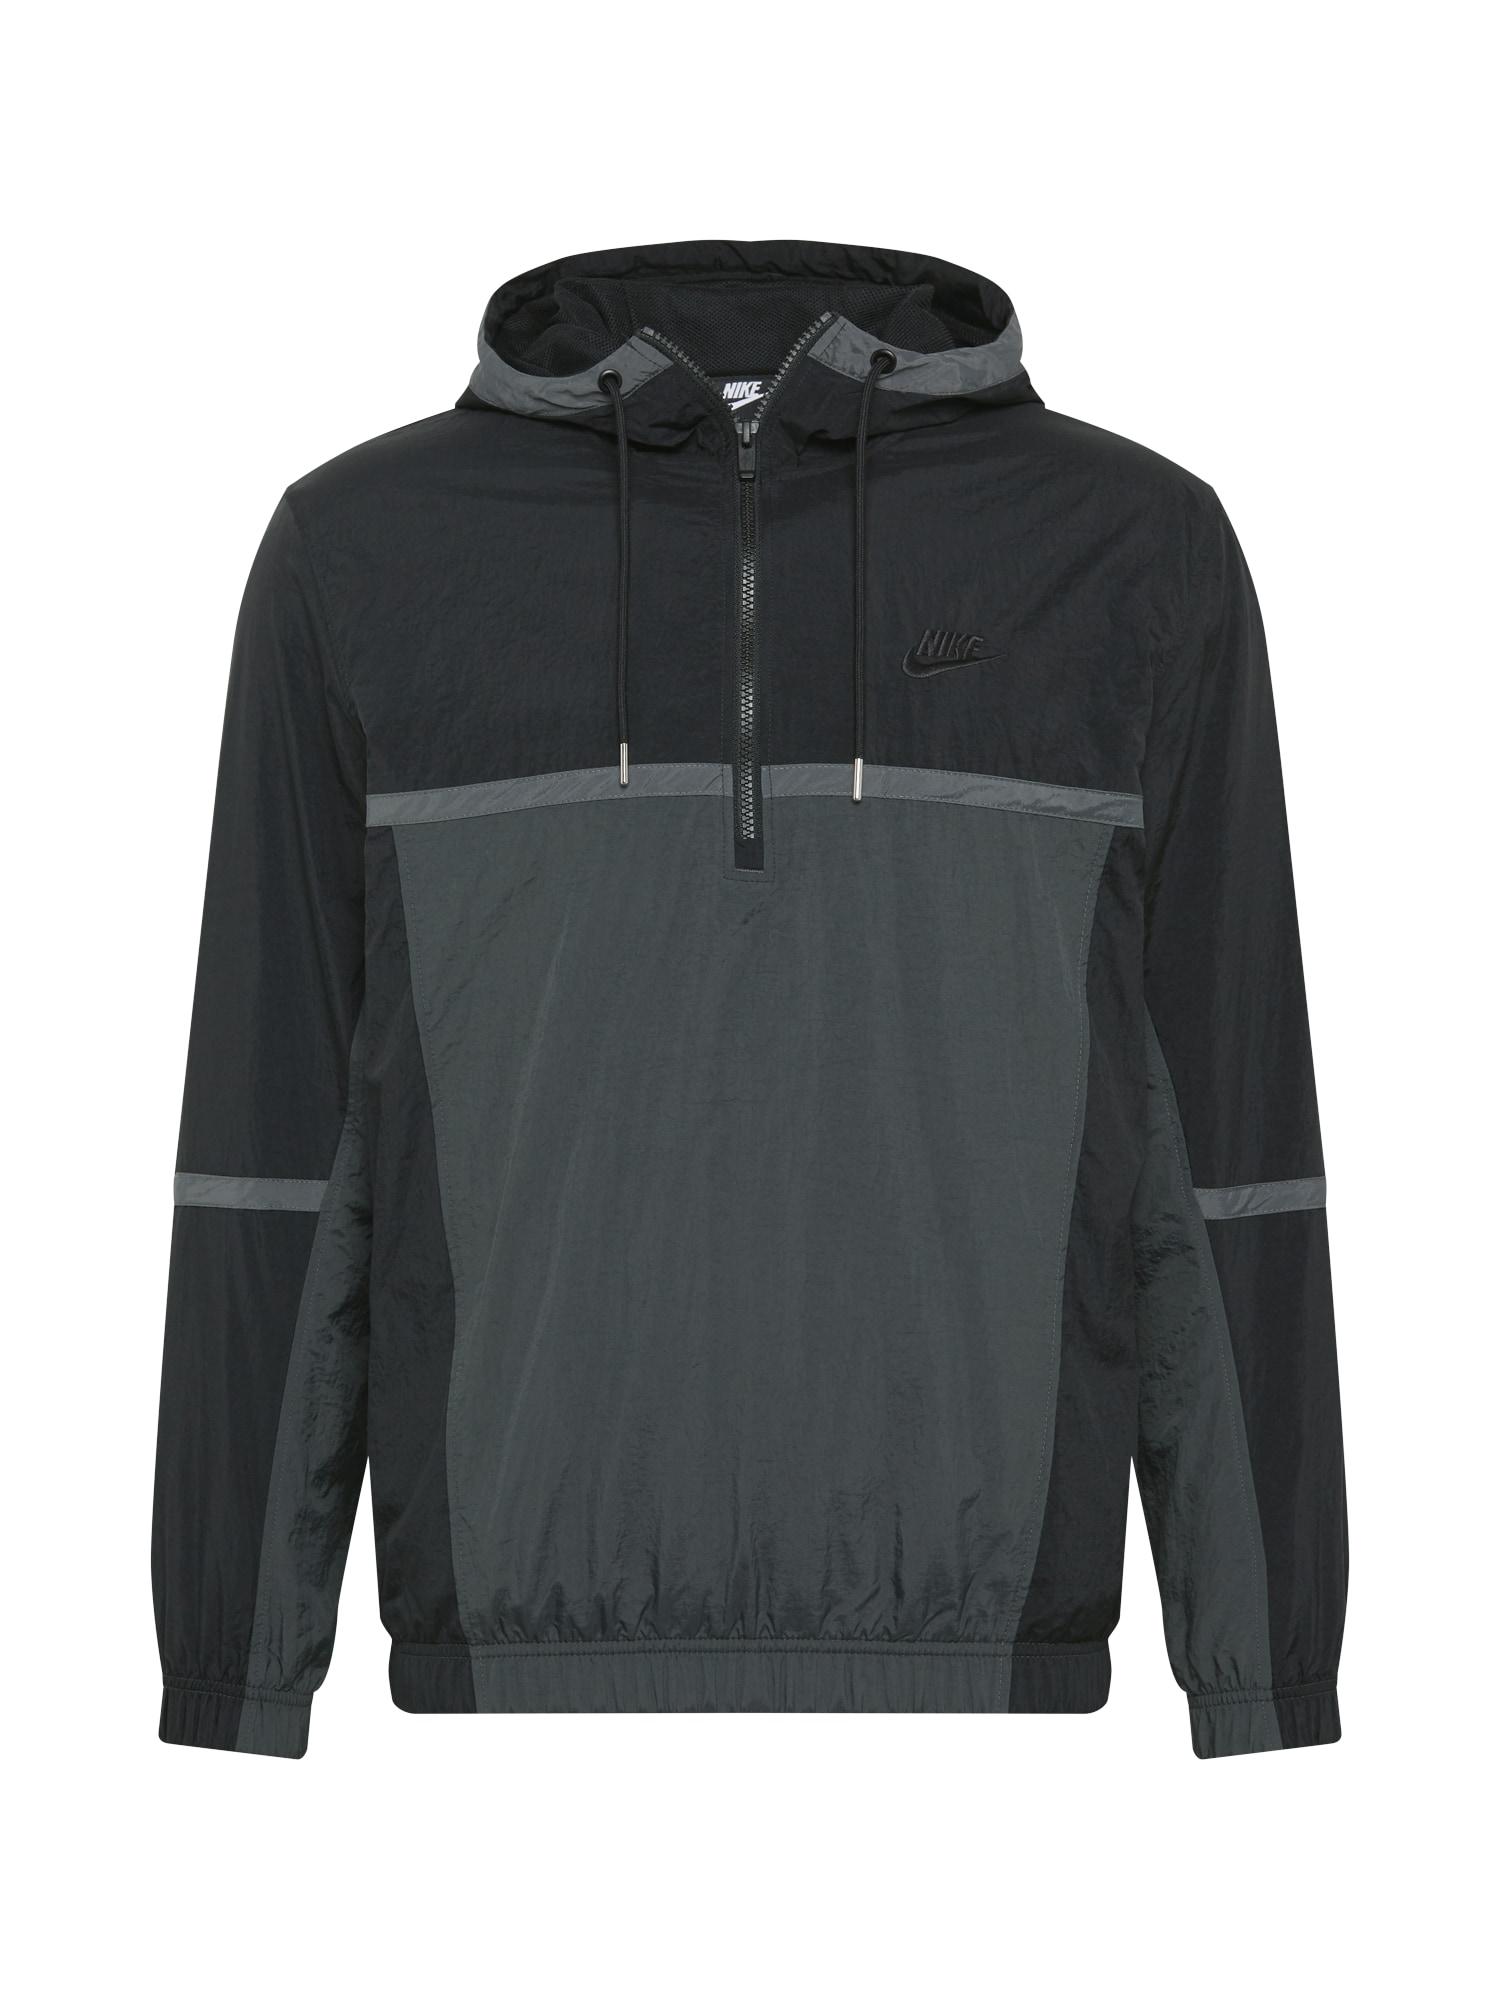 Nike Sportswear Demisezoninė striukė pilka / juoda / tamsiai pilka